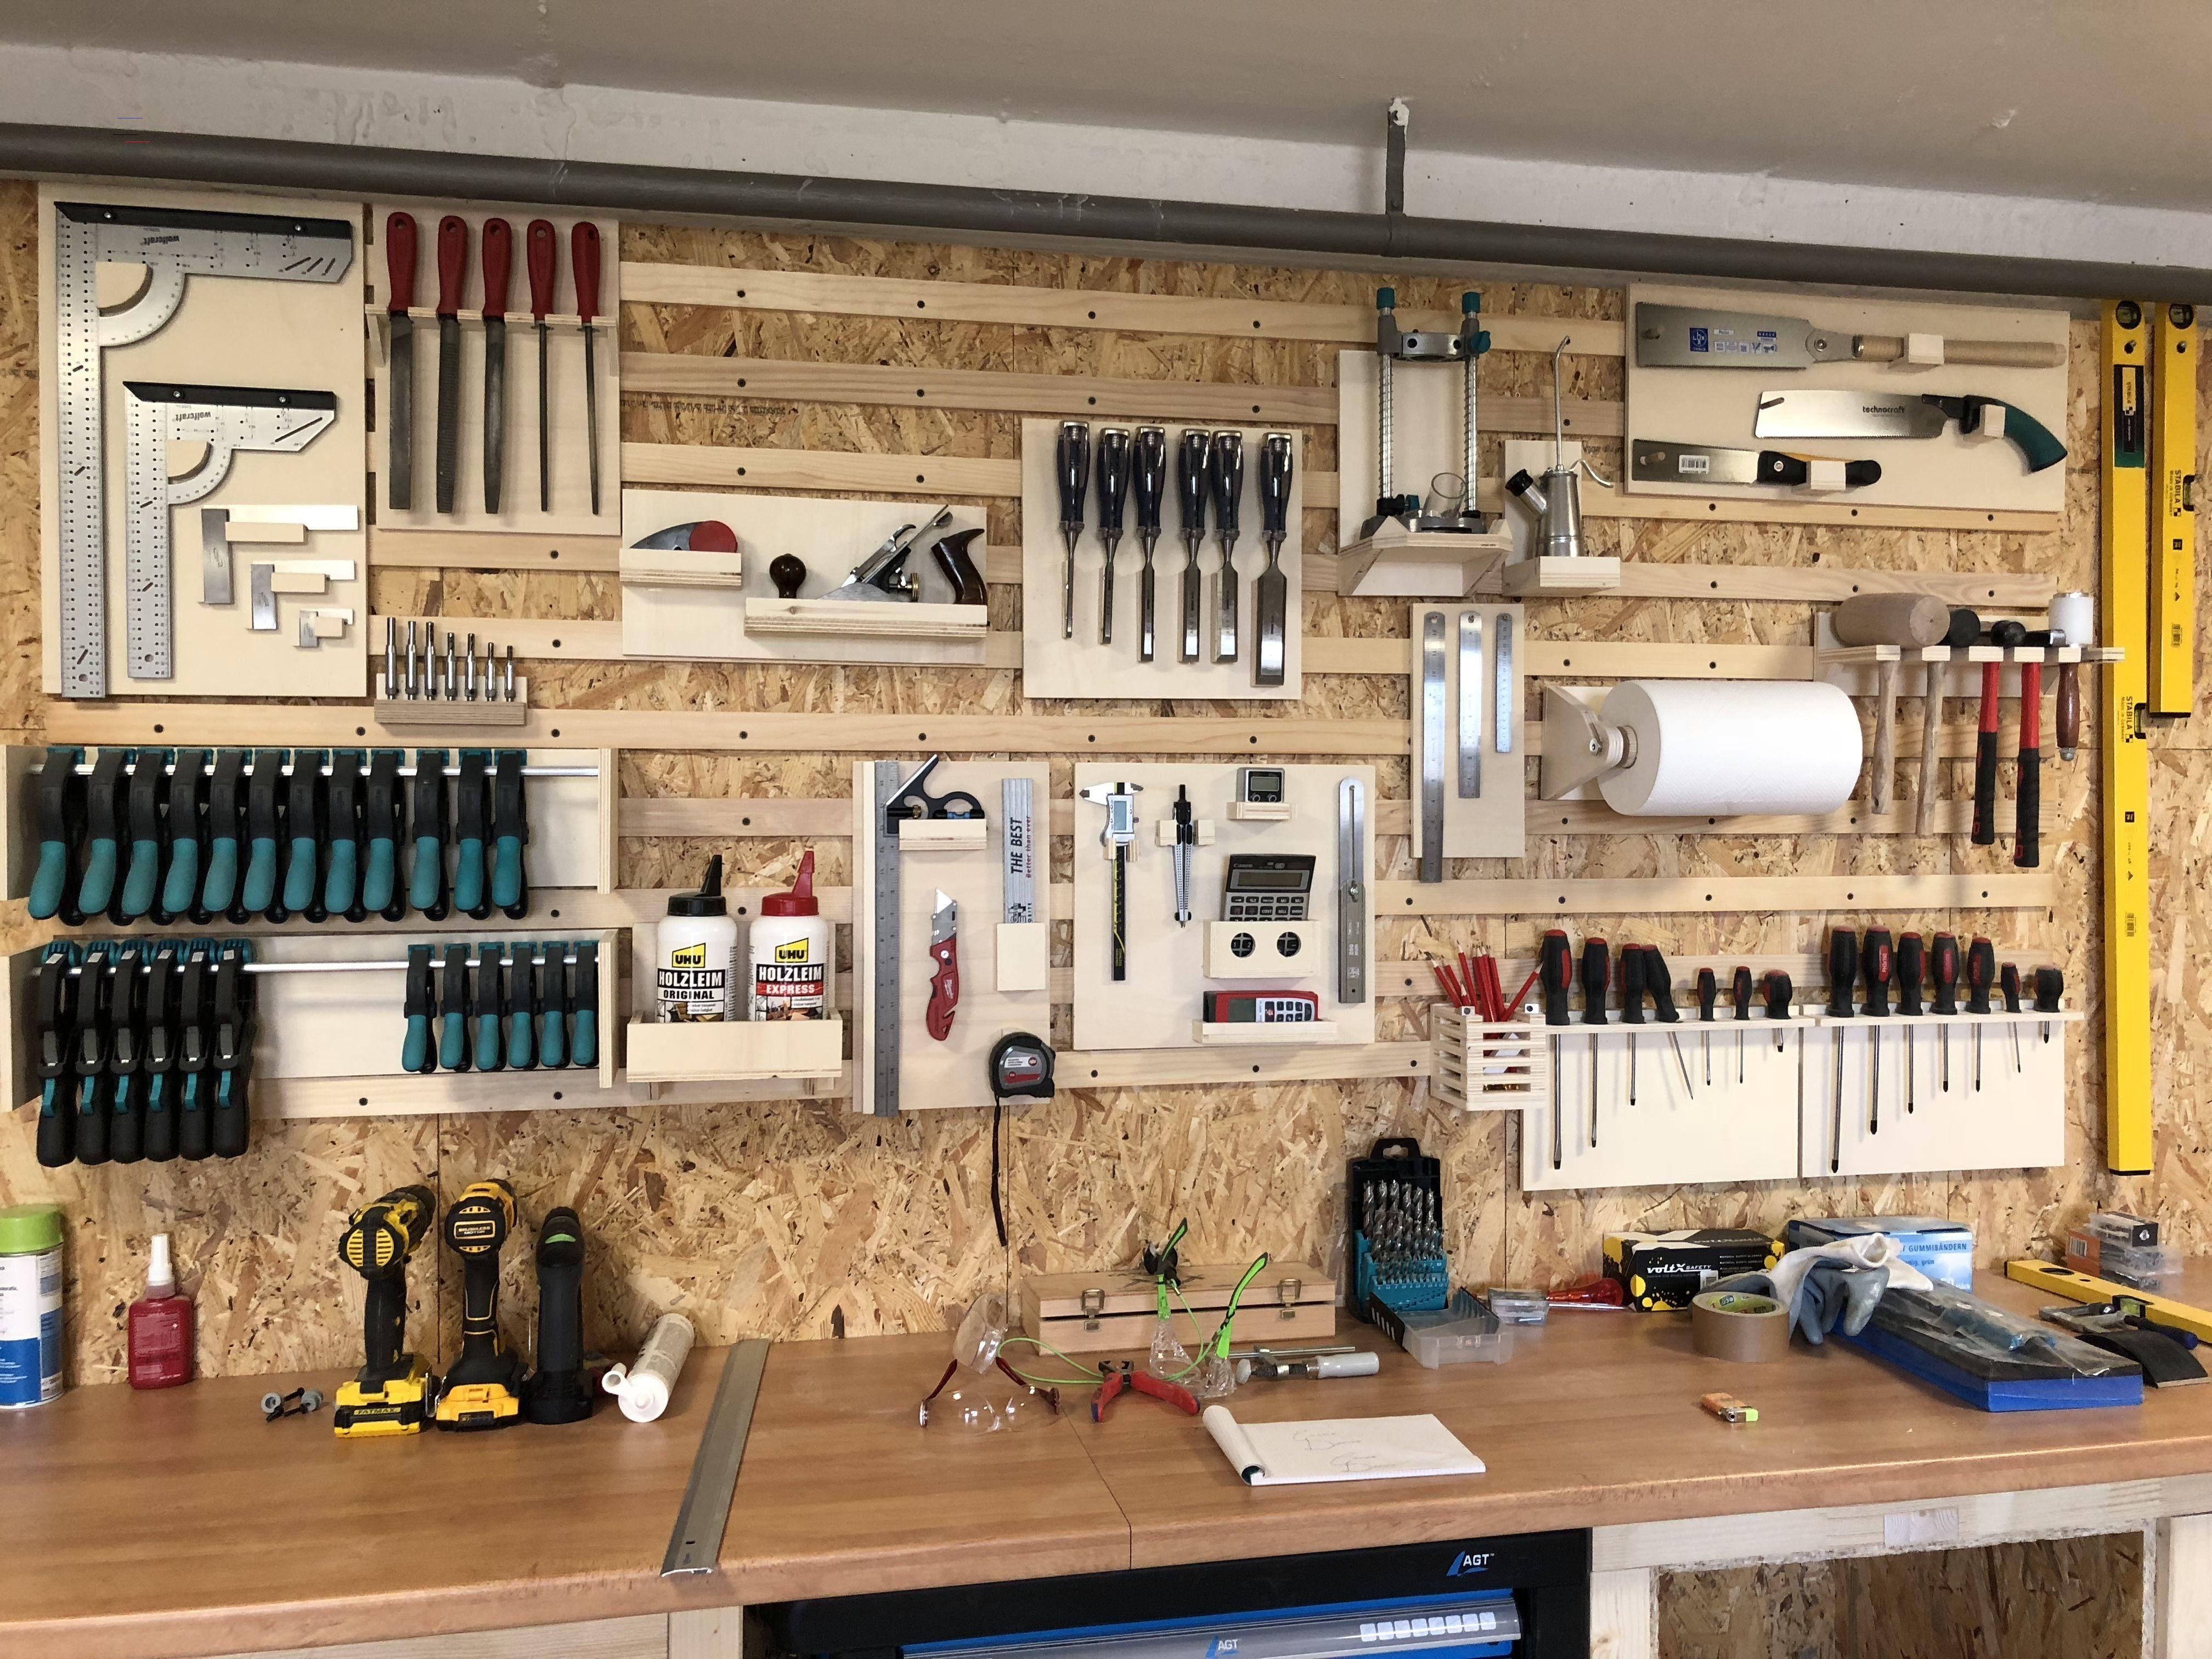 Werkstattordnung Idee Deco Garage Rangement Outils Rangement Outil Atelier